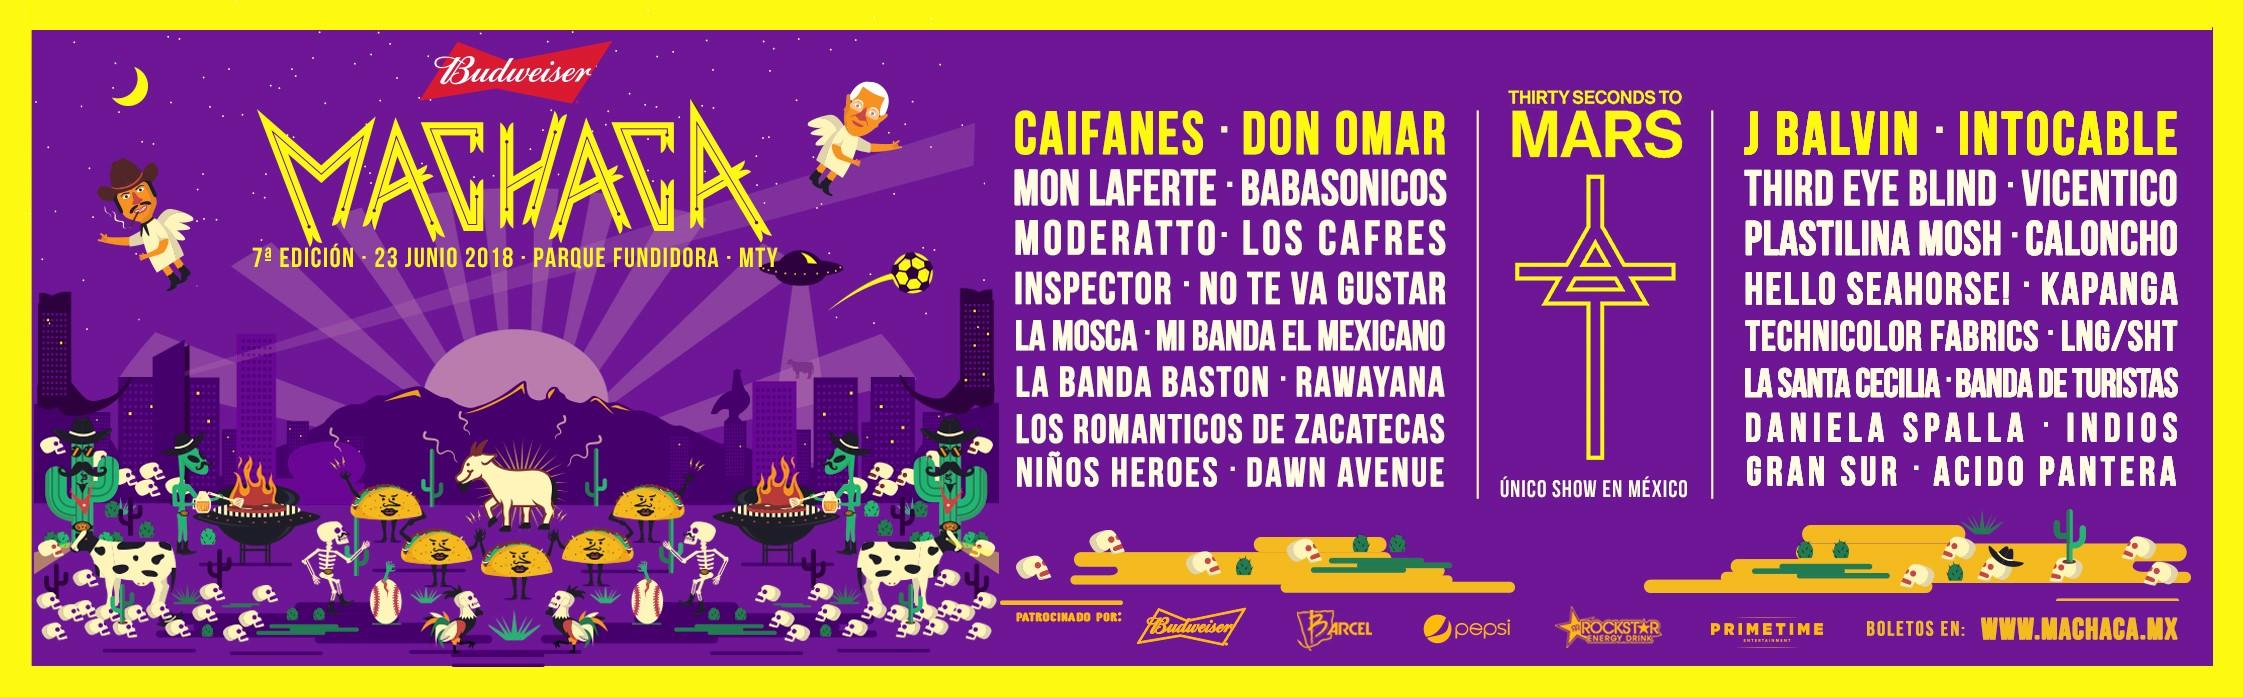 machaca festival